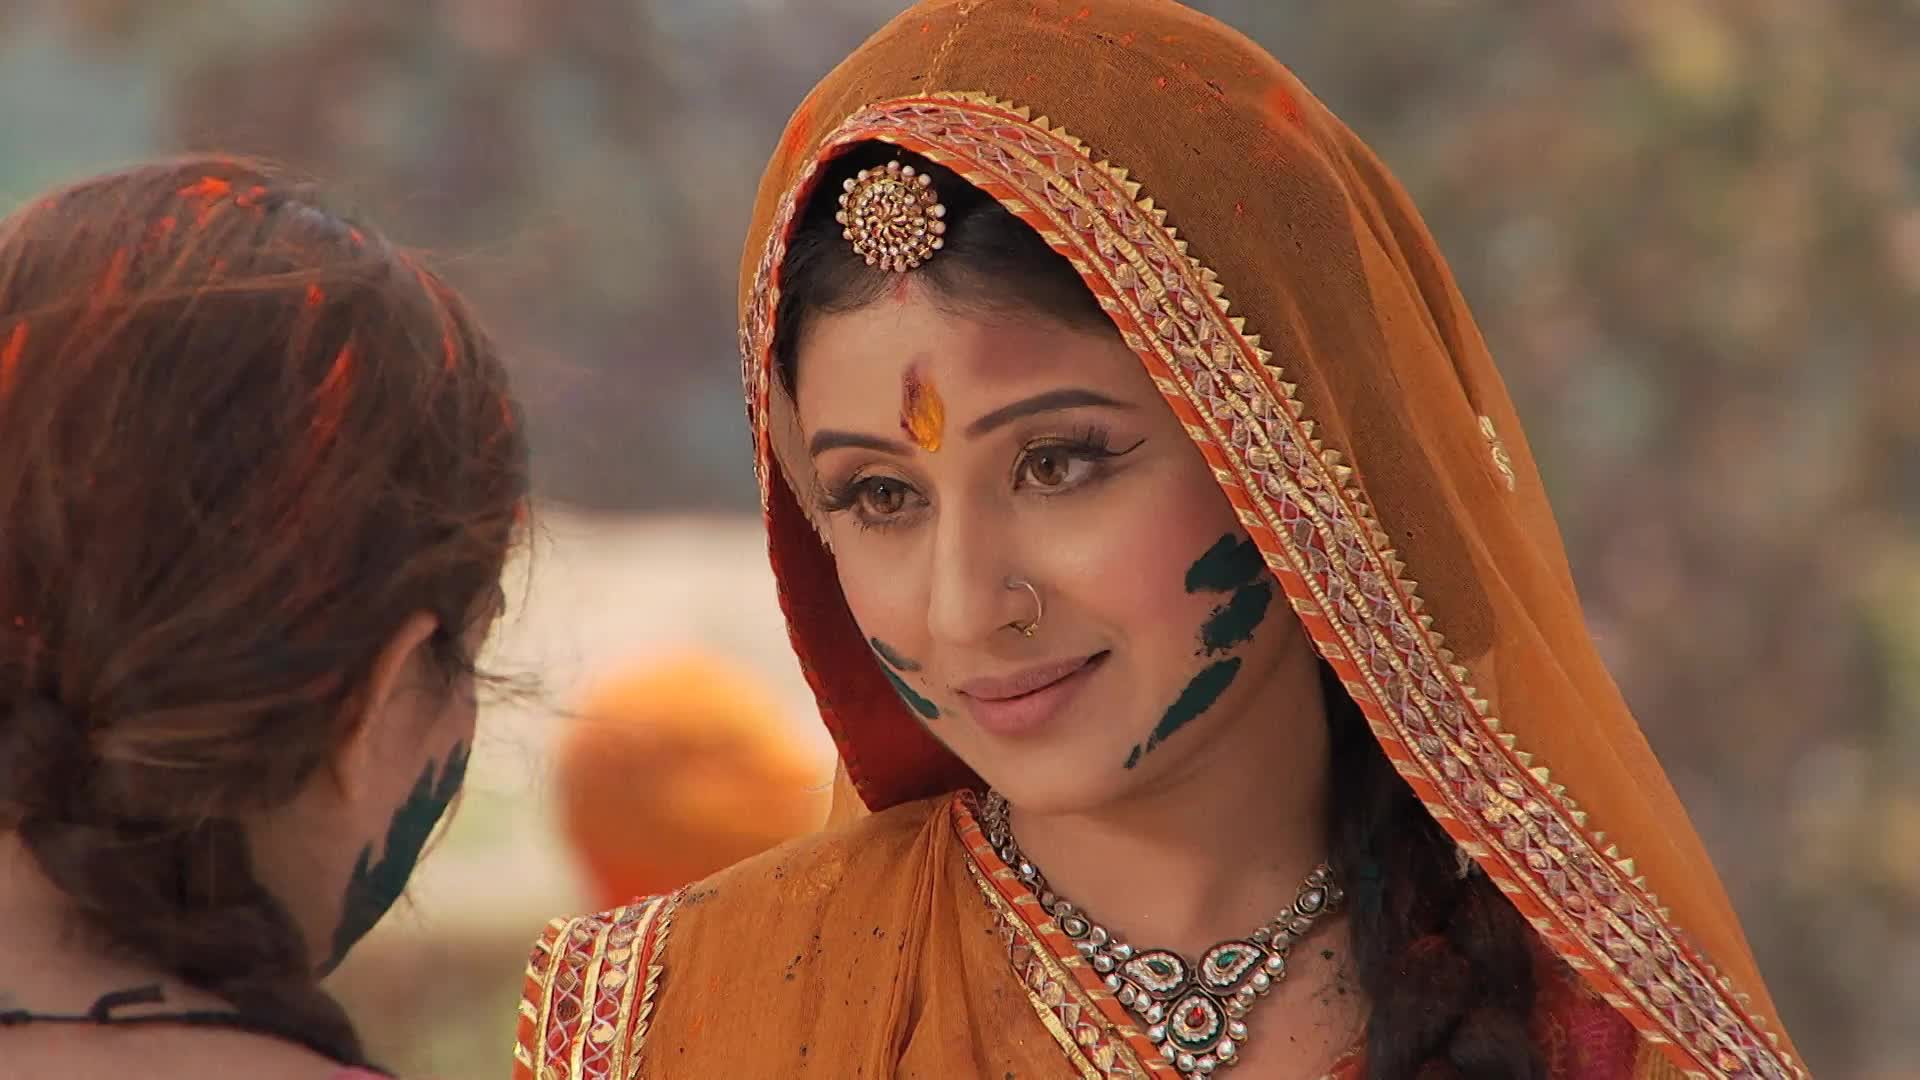 المسلسل الهندي التاريخي جودا أكبر الجزء الثاني (2013) [مدبلج] كامل 1080p تحميل تورنت 16 arabp2p.com